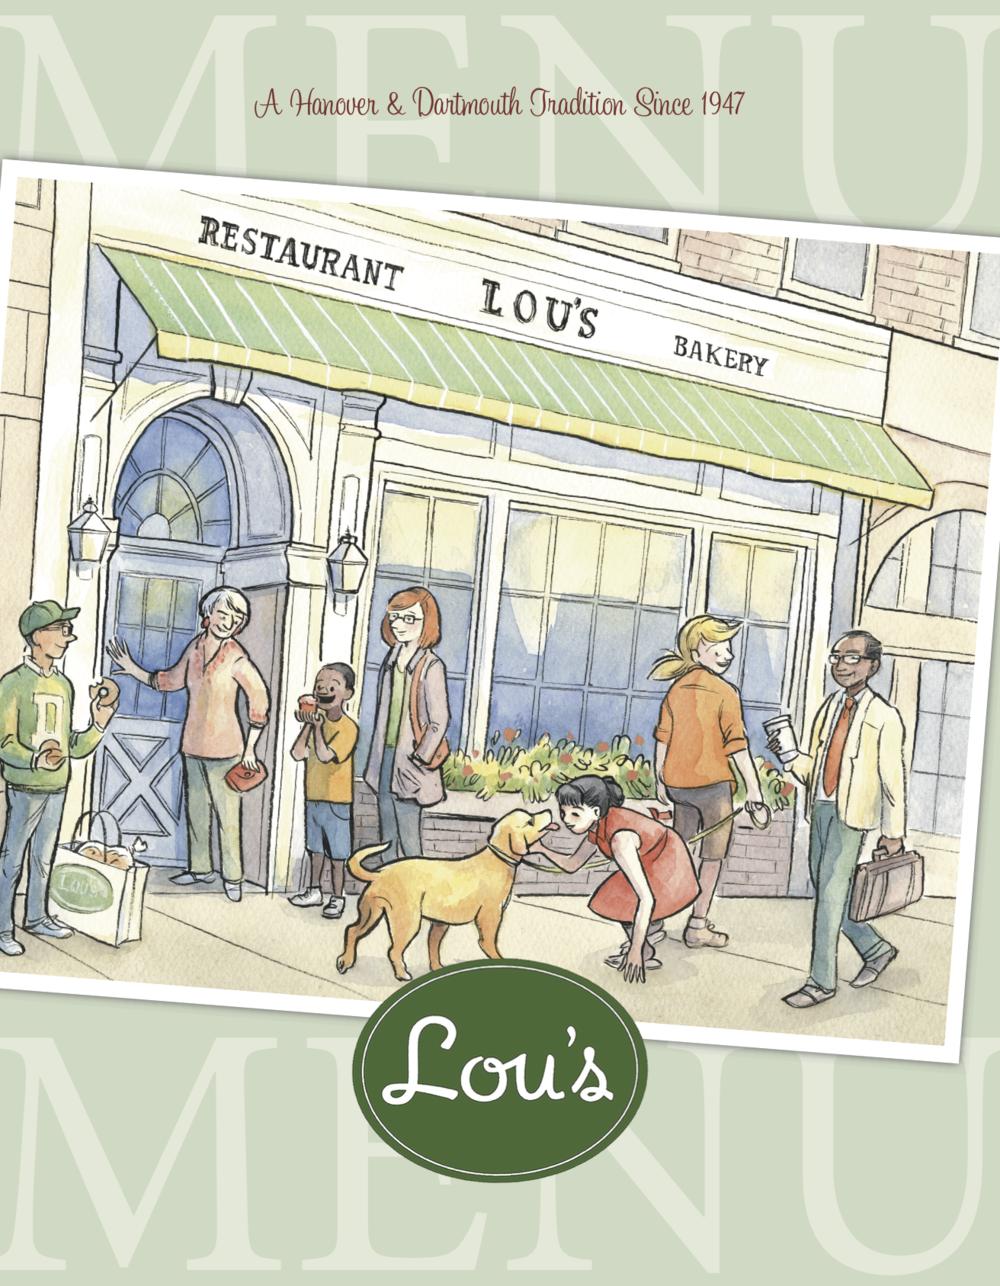 Lou's Restaurant & Bakery - Menu (cover)